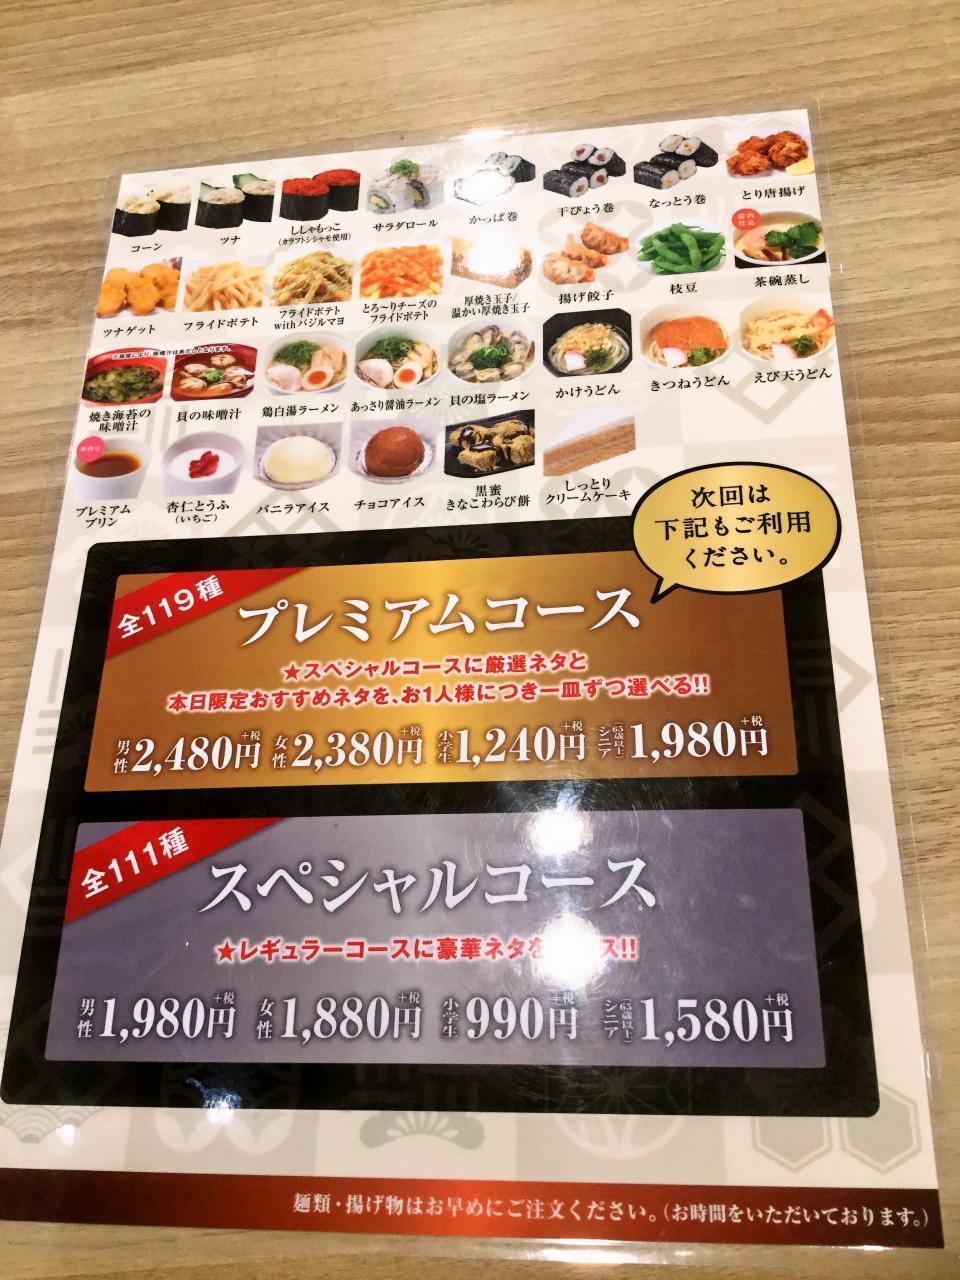 かっぱ寿司 川崎市ノ坪店(メニュー)